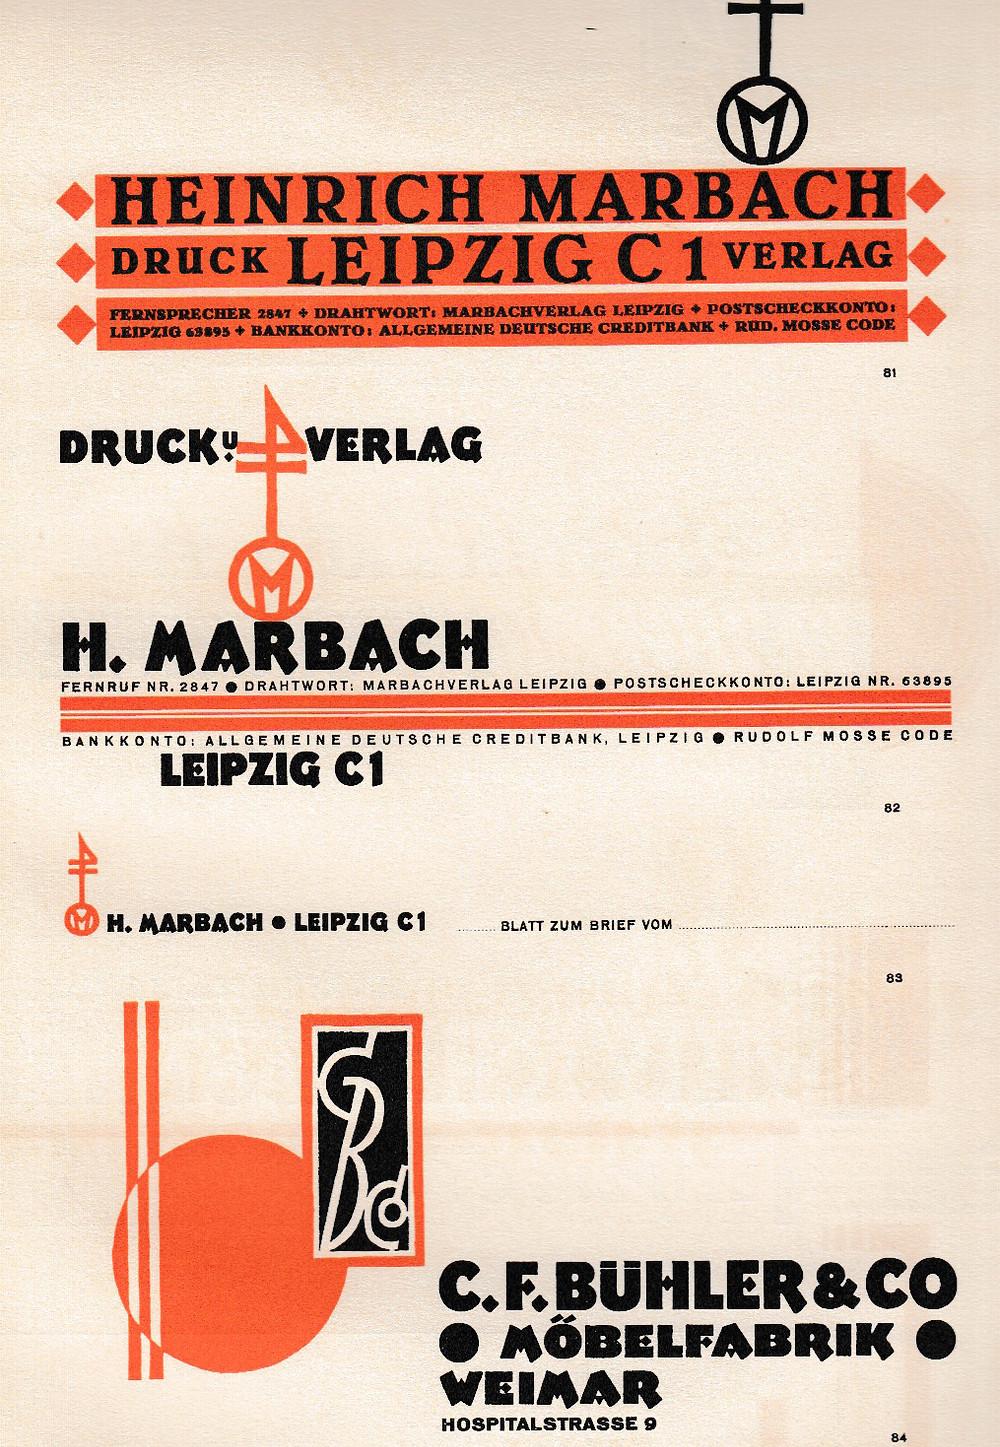 H. Marbach